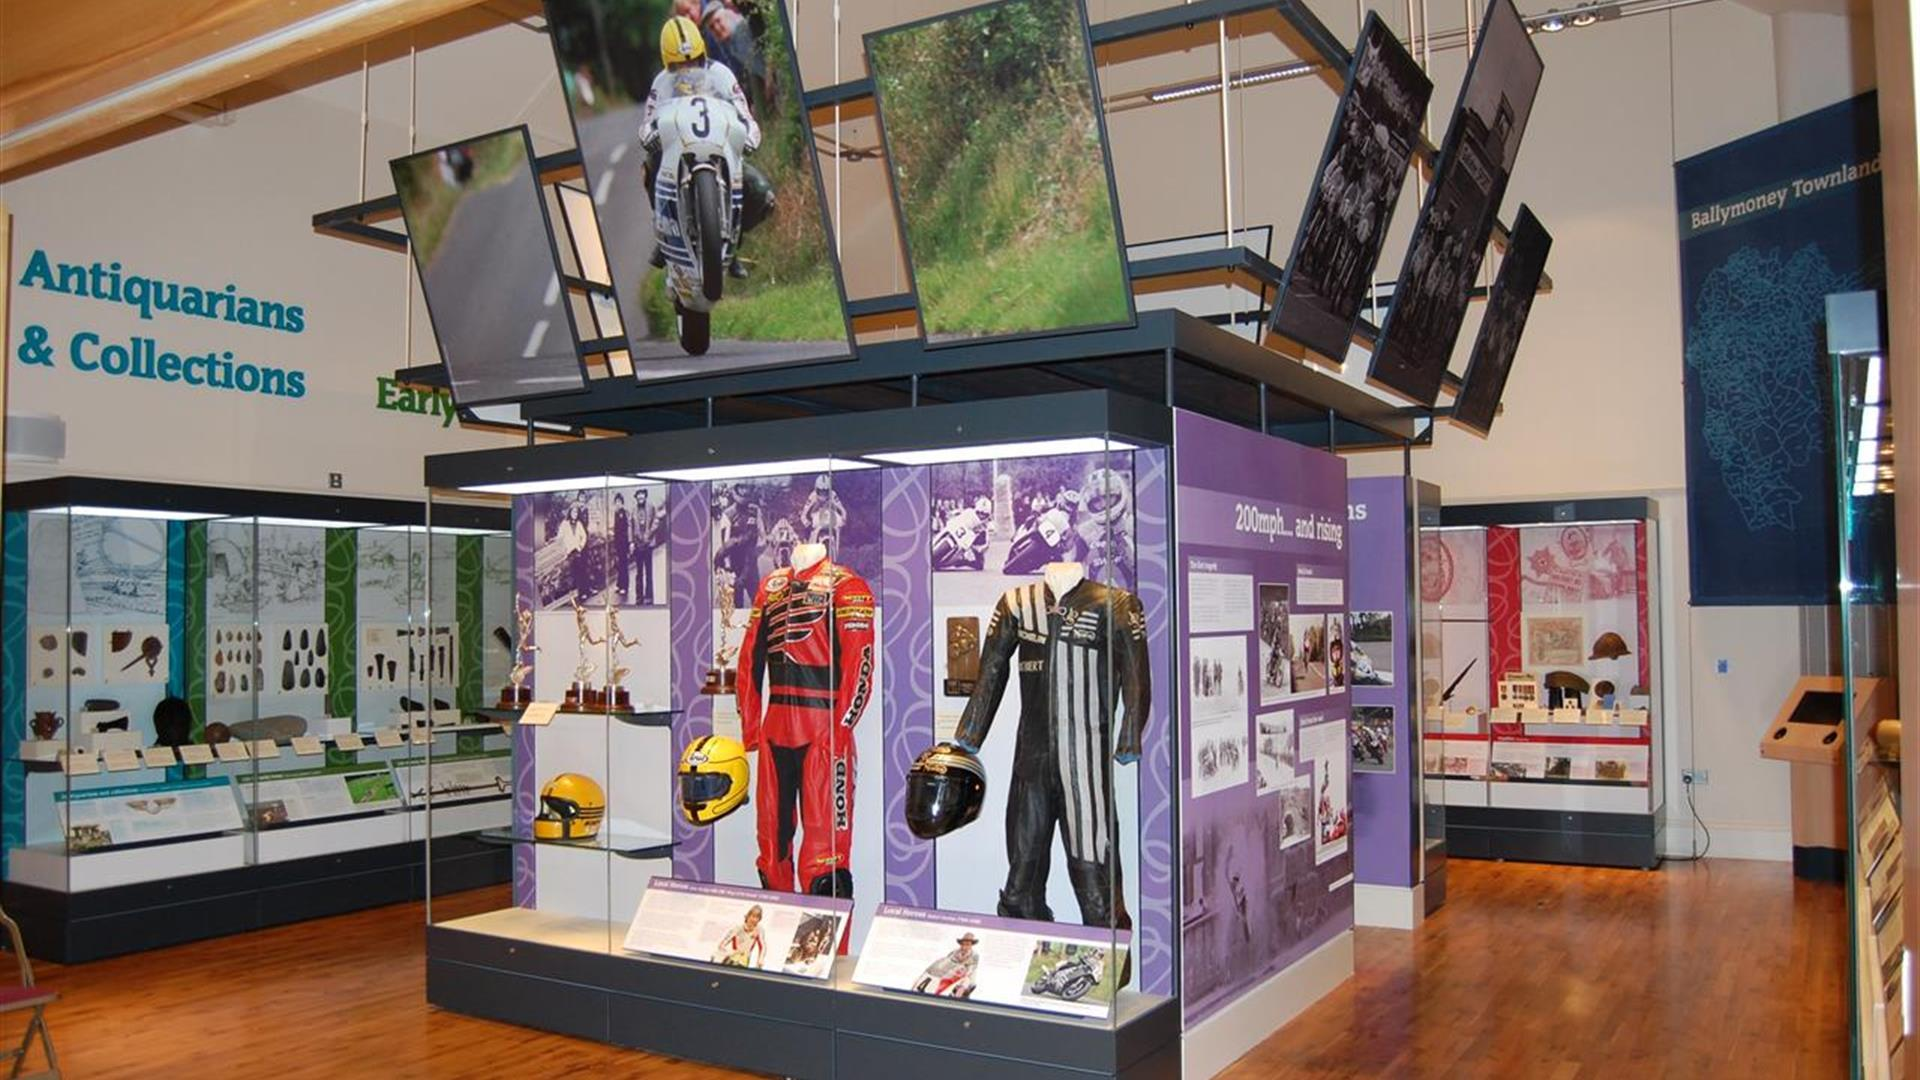 Ballymoney Museum